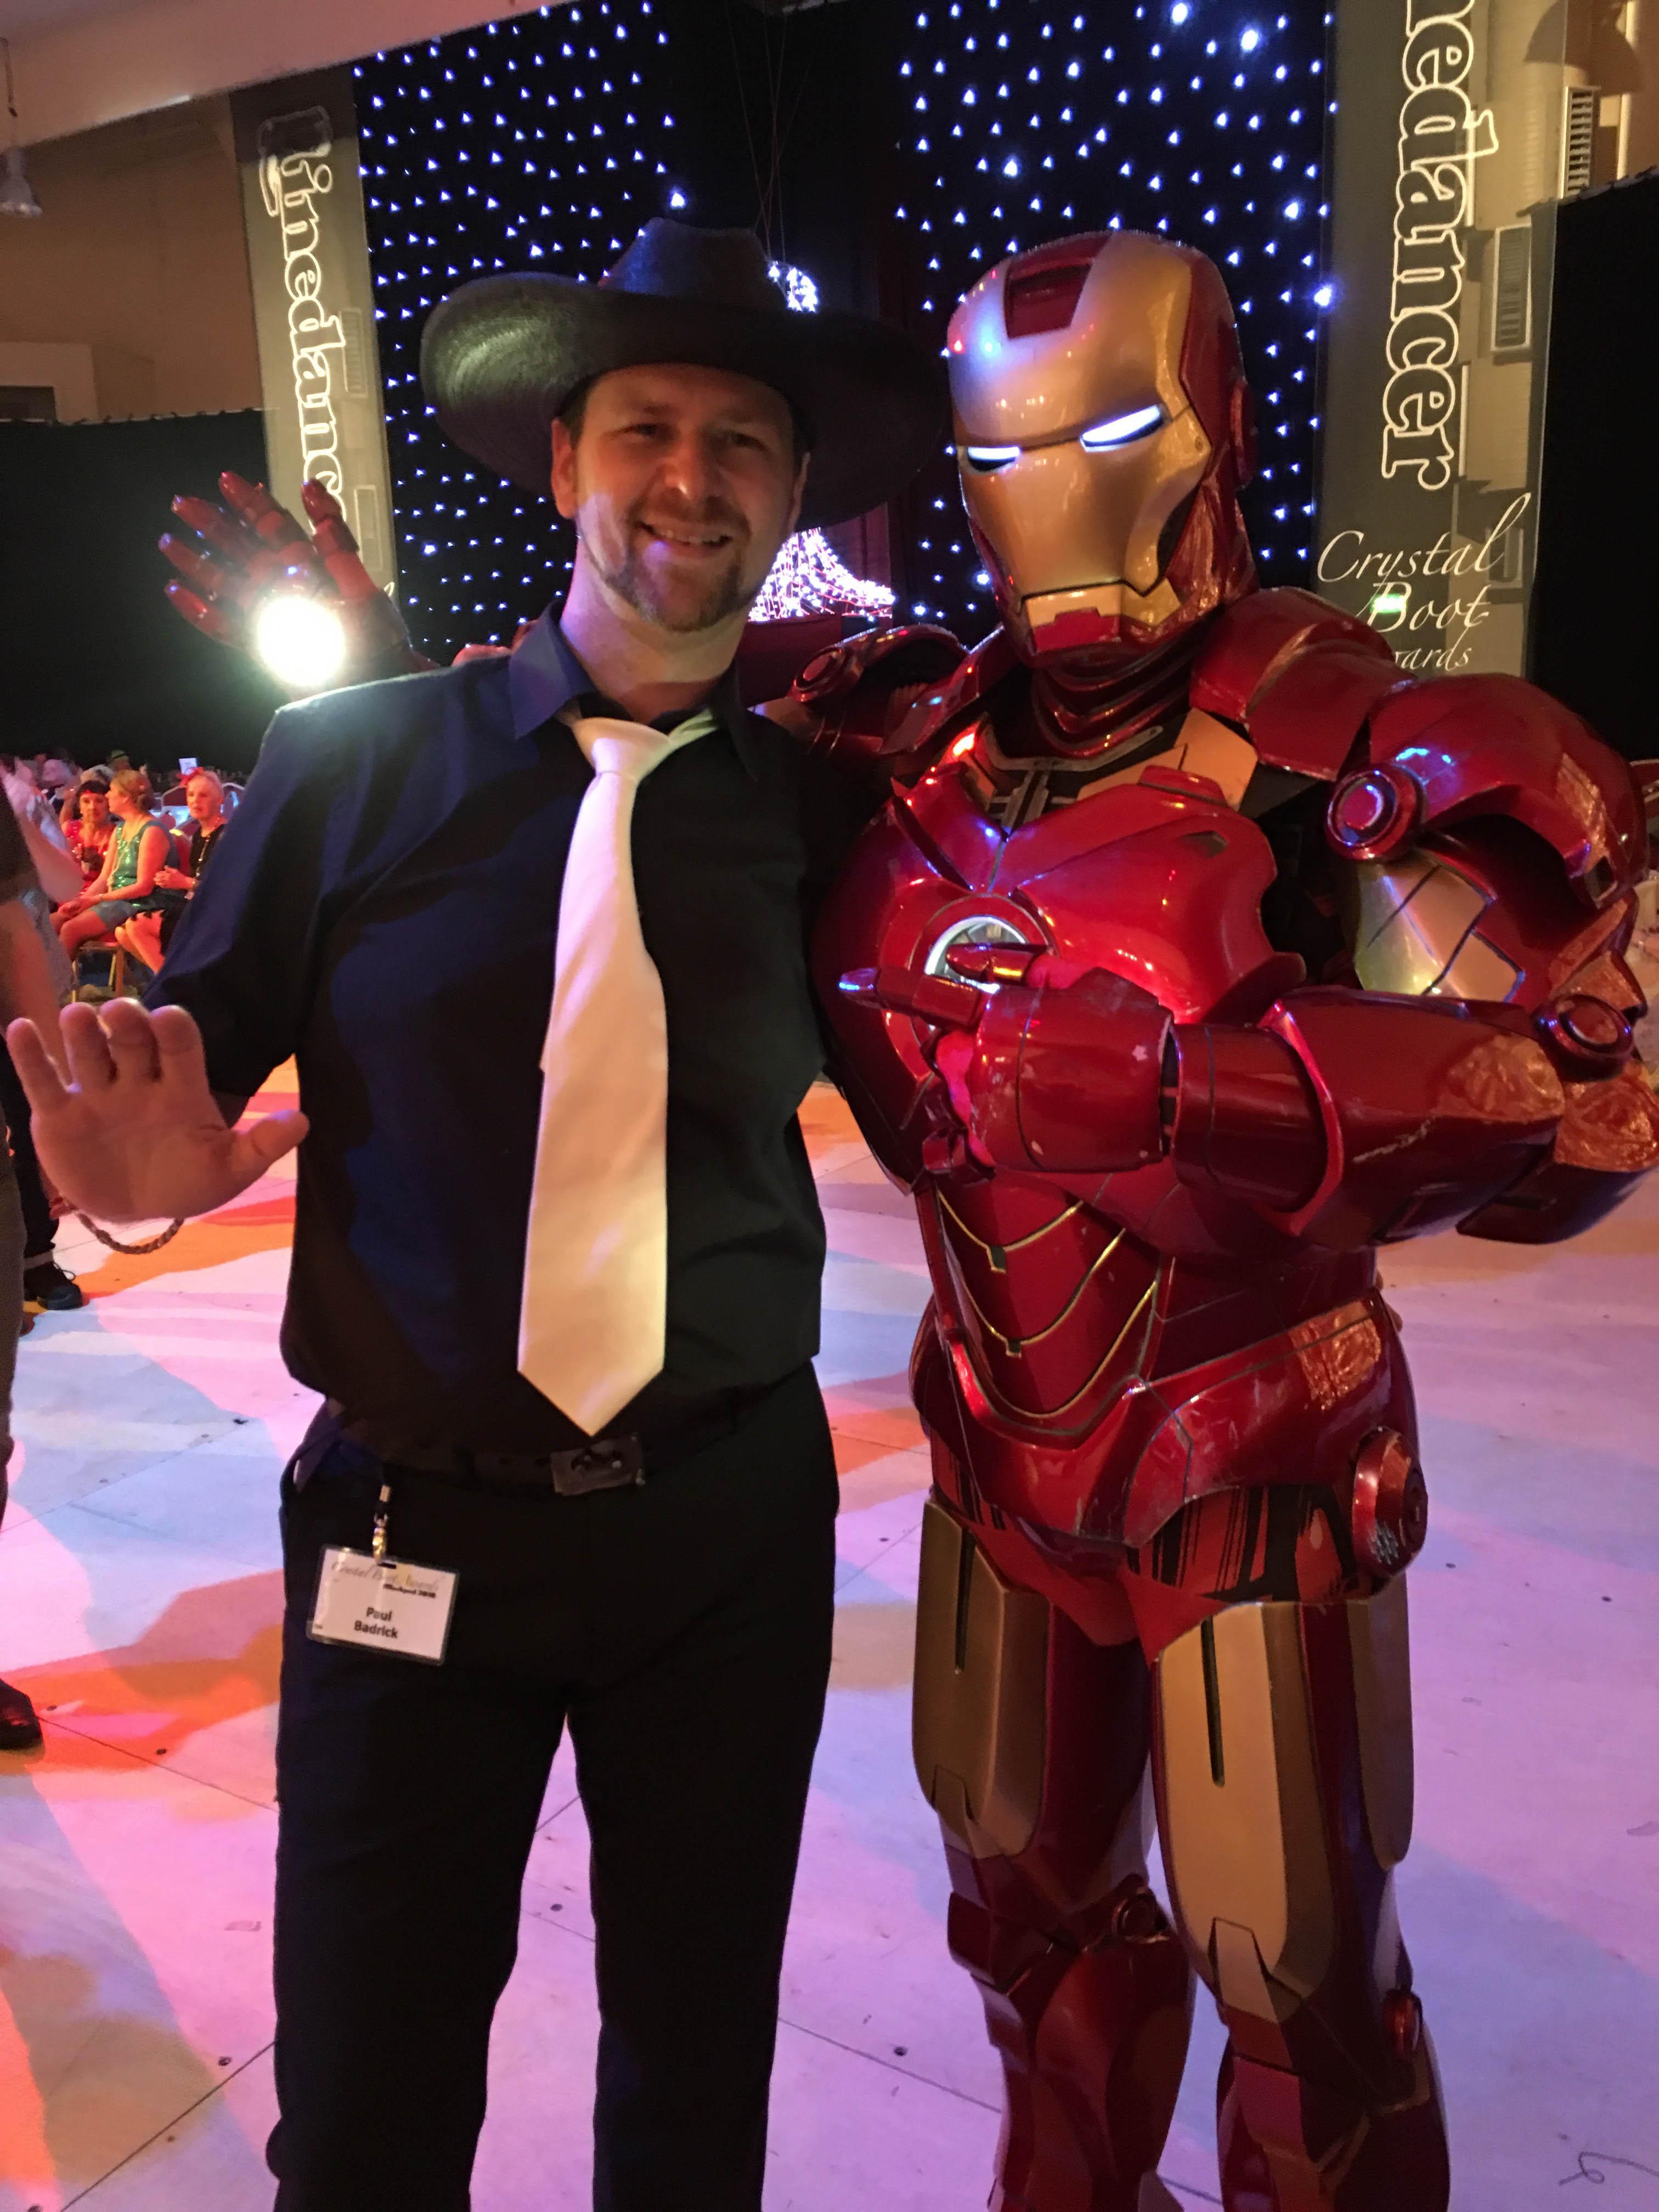 Pedro Machado as Iron Man